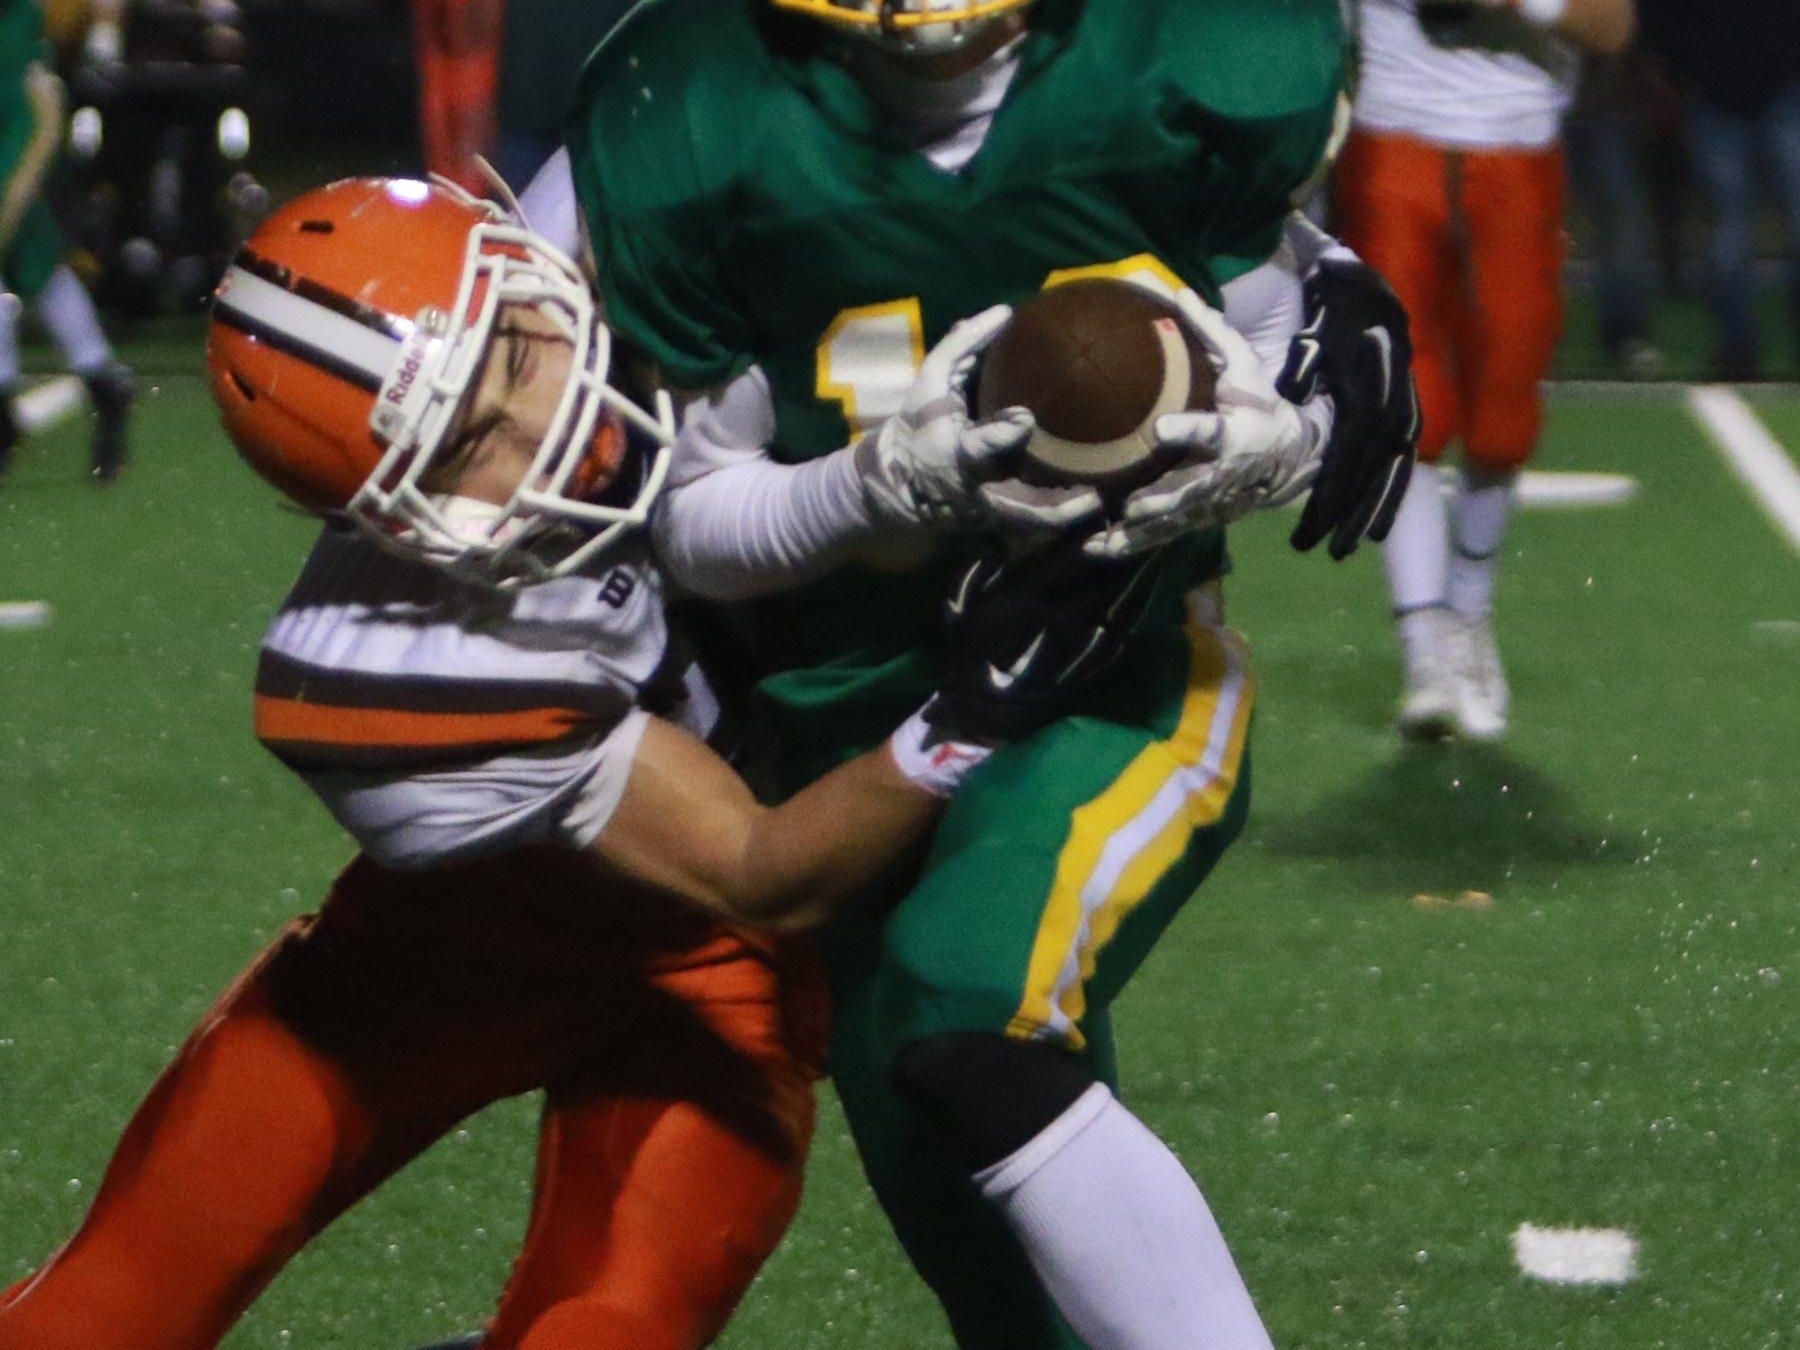 Heath senior linebacker Avery Hogue wraps up Newark Catholic's Jack Wollenburg on Saturday at White Field.